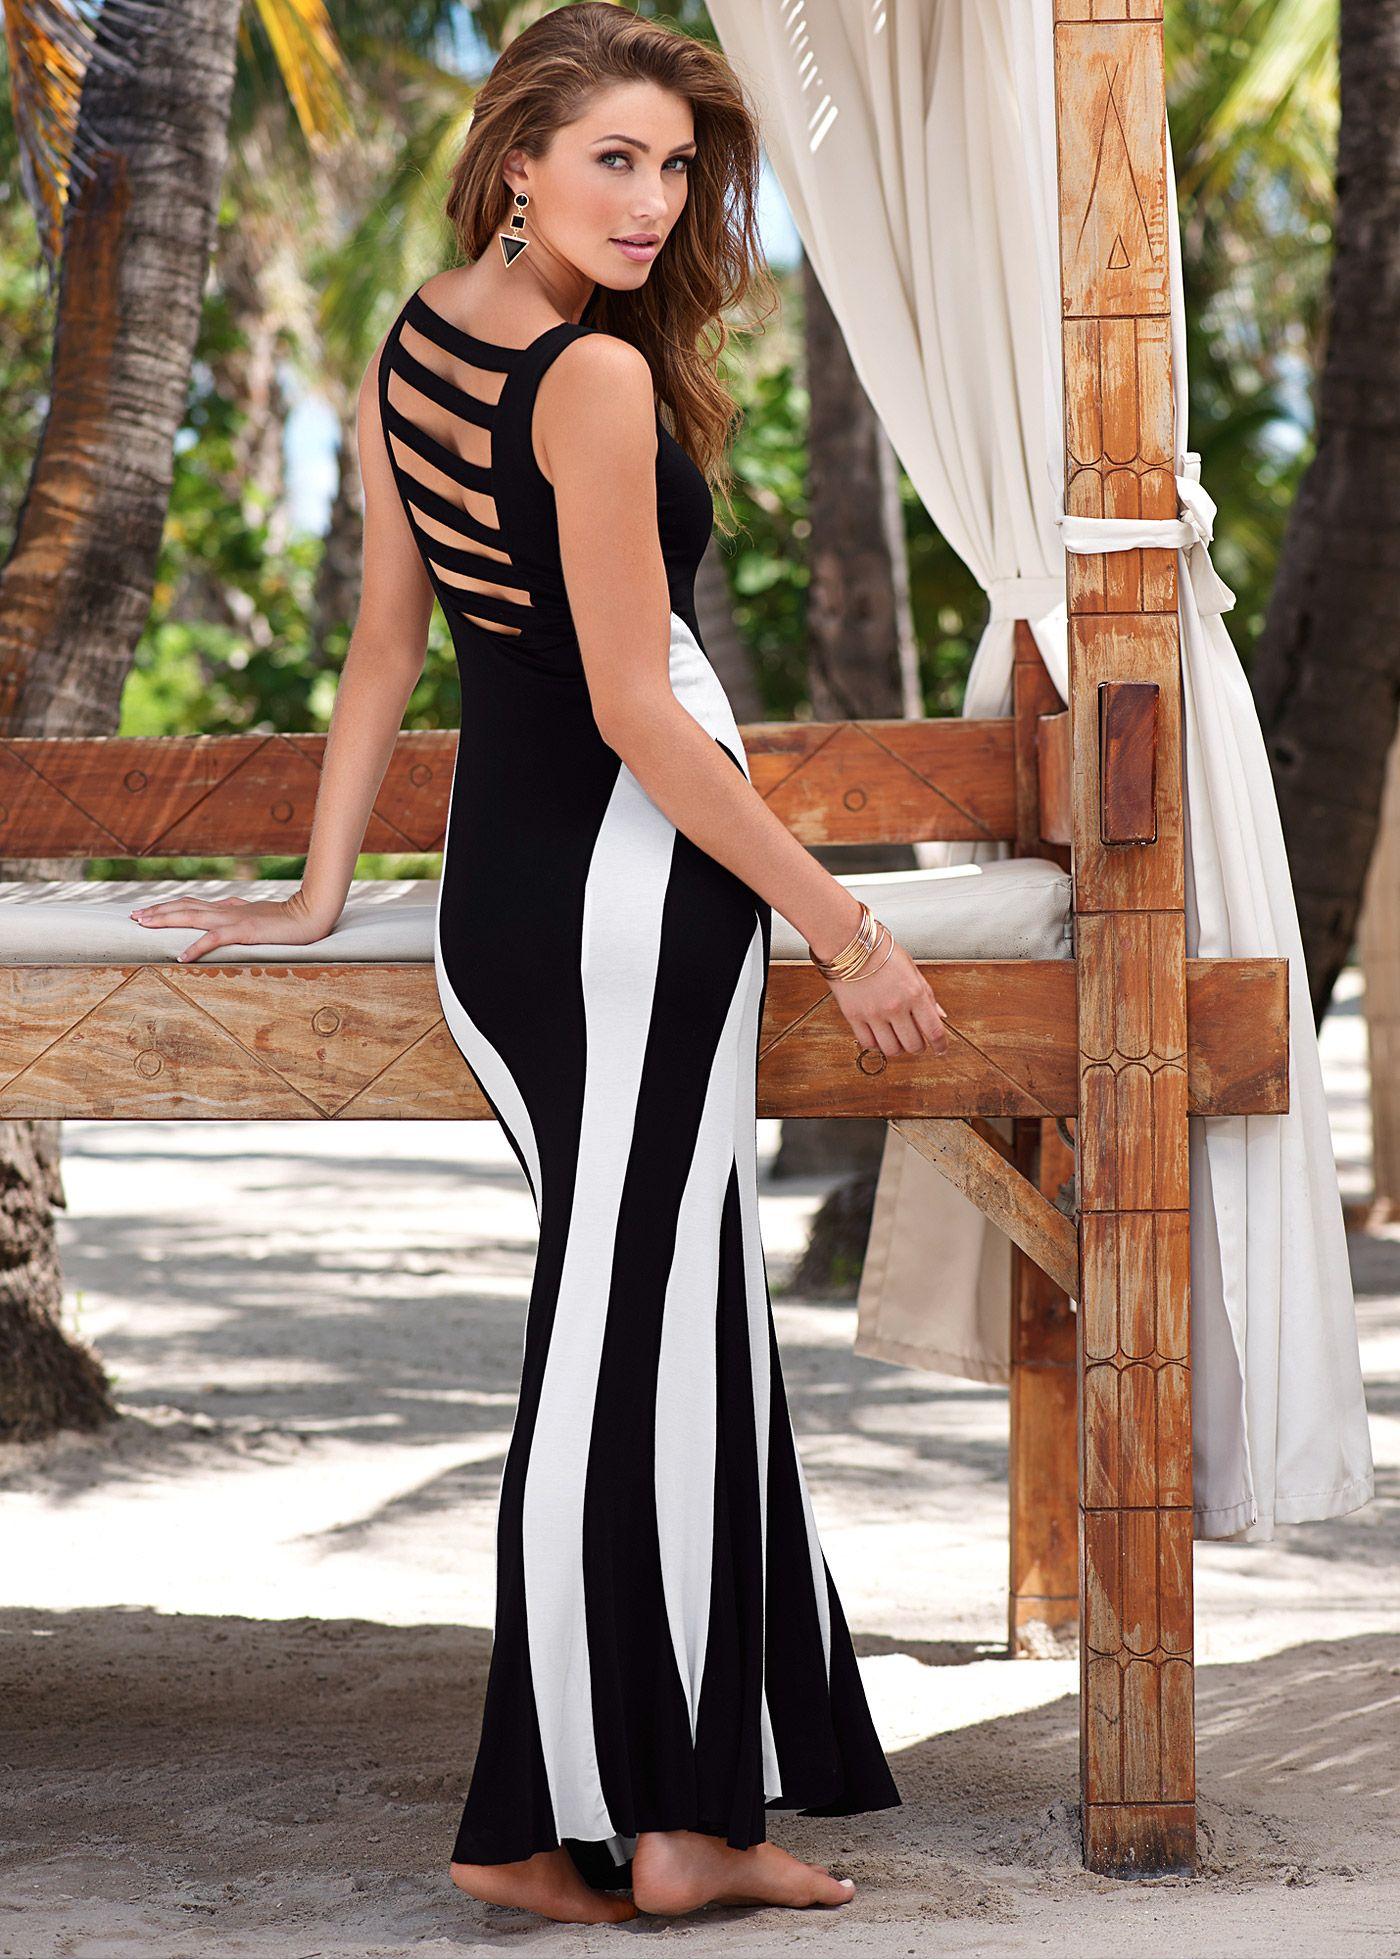 4087fe010 Vestido longo preto e branco encomendar agora na loja on-line bonprix.de R$…